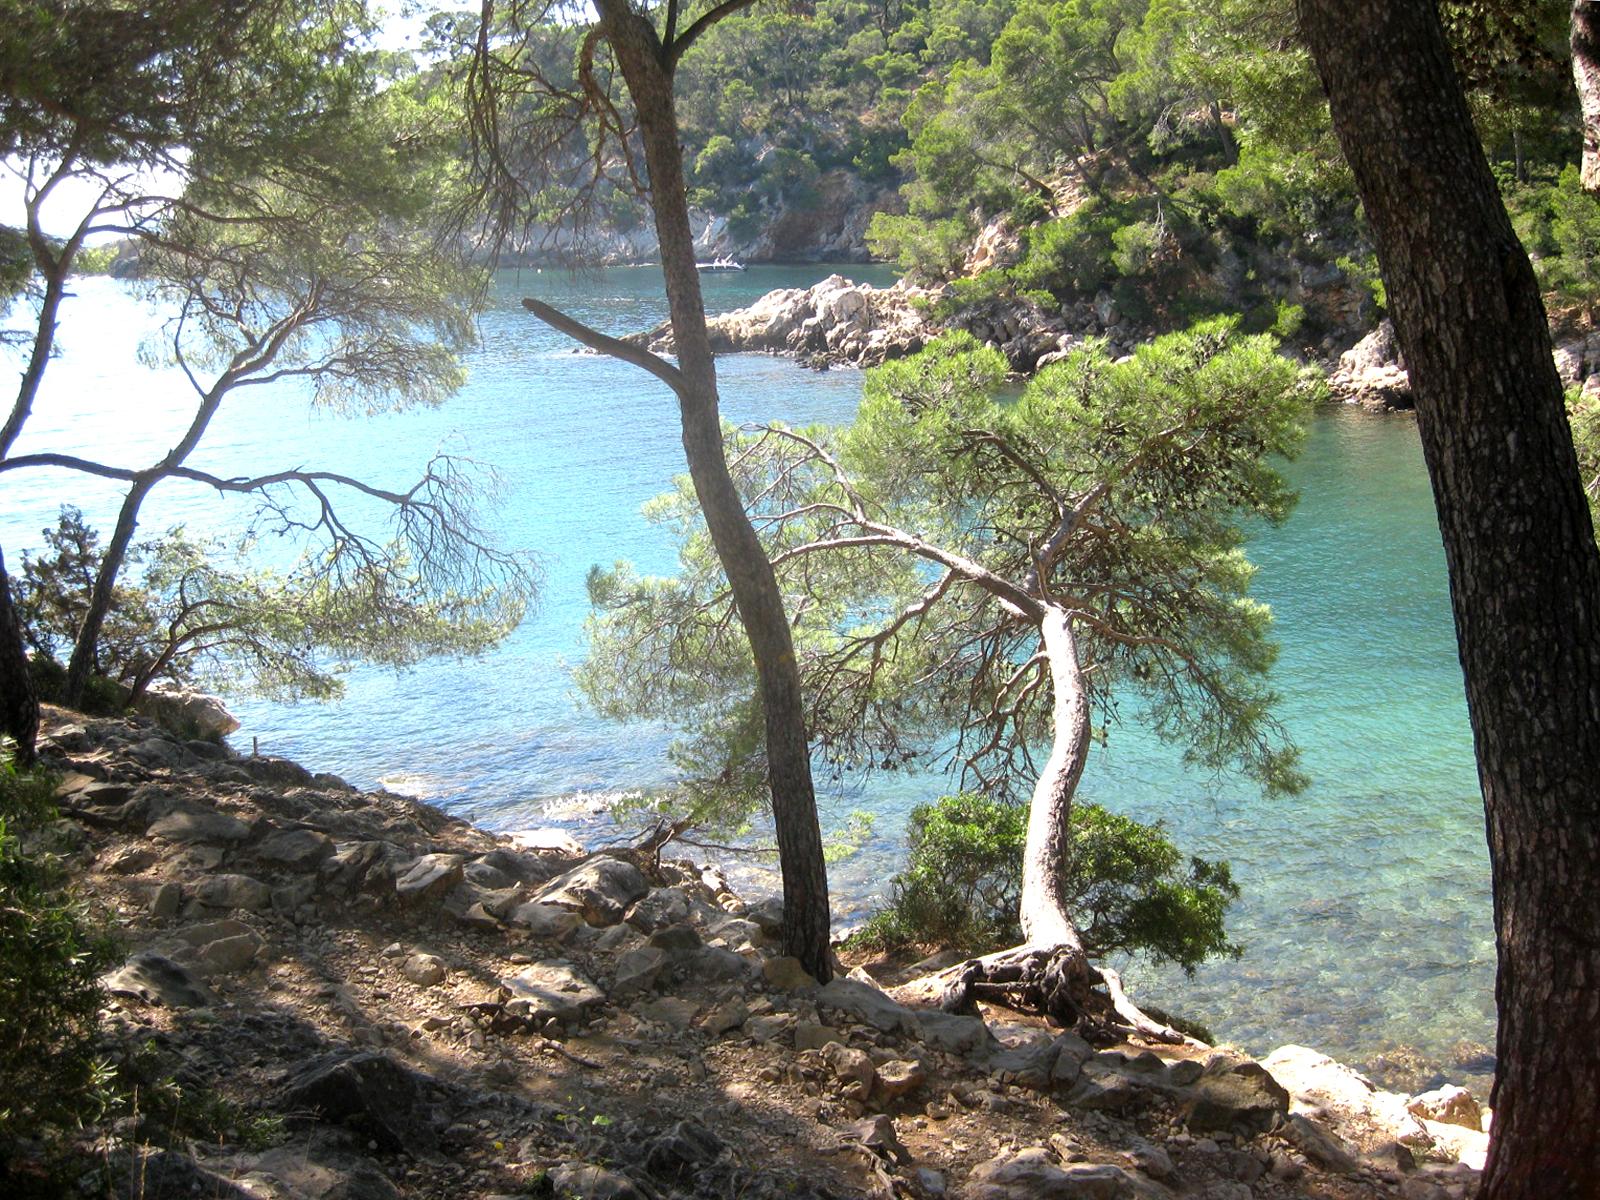 Fond ecran gratuit mediterranee - Office du tourisme saint cyr sur mer ...